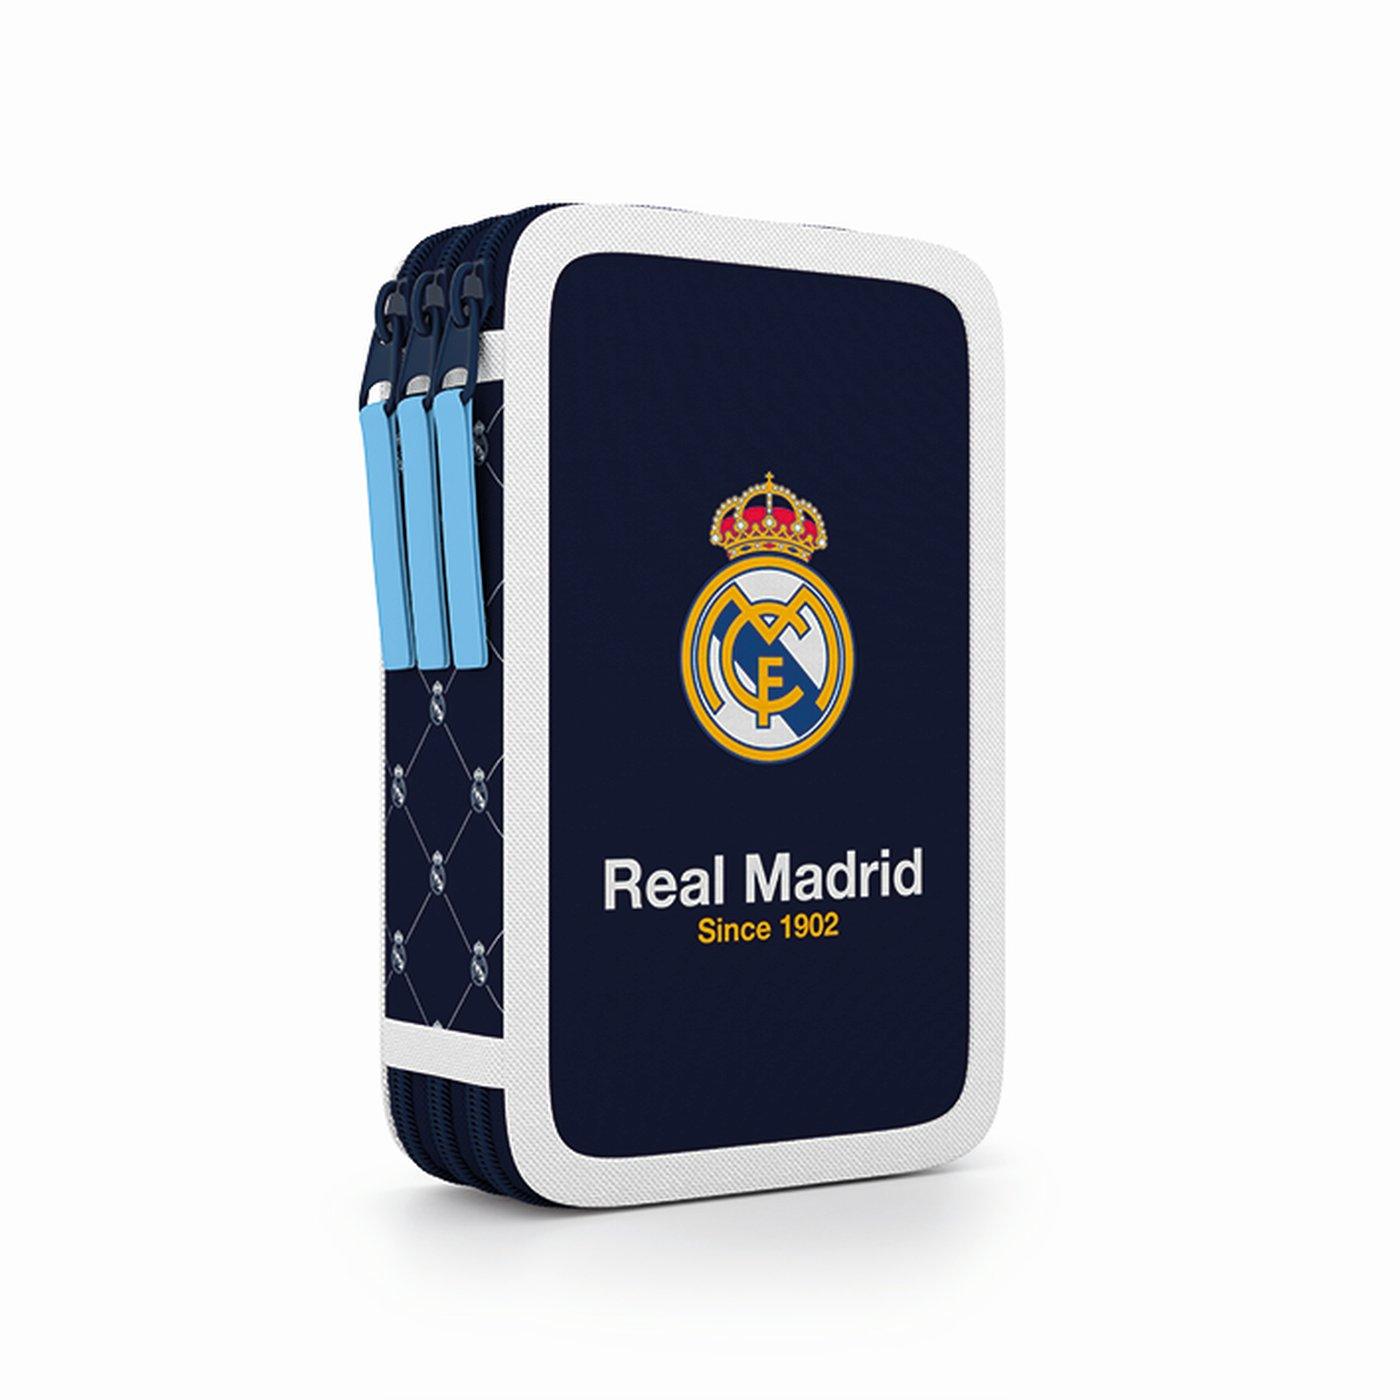 Penál 3 p. prázdný Real Madrid - Školní potřeby » PENÁLY NENAPLNĚNÉ ... e2d8ba573b